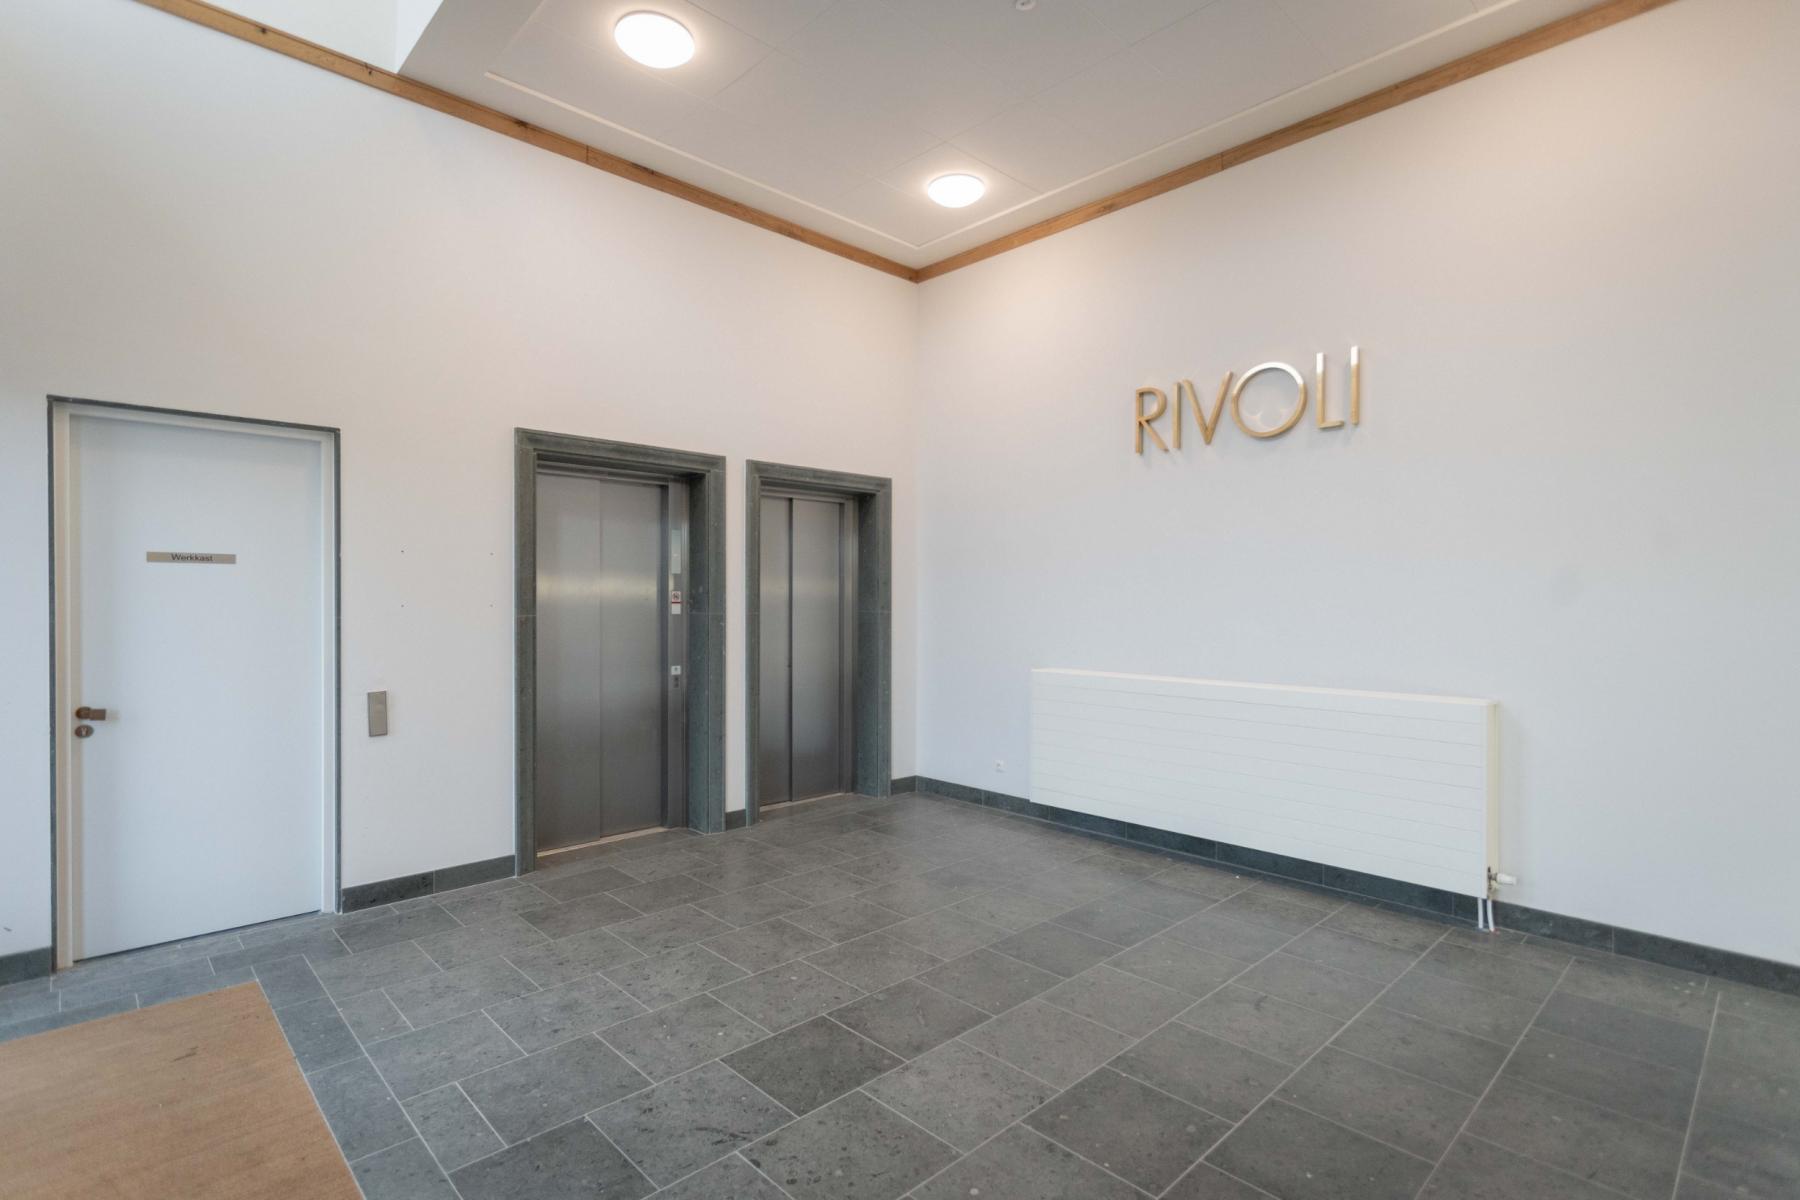 ingang kantoorruimte kantoorpand lift trappenhuis